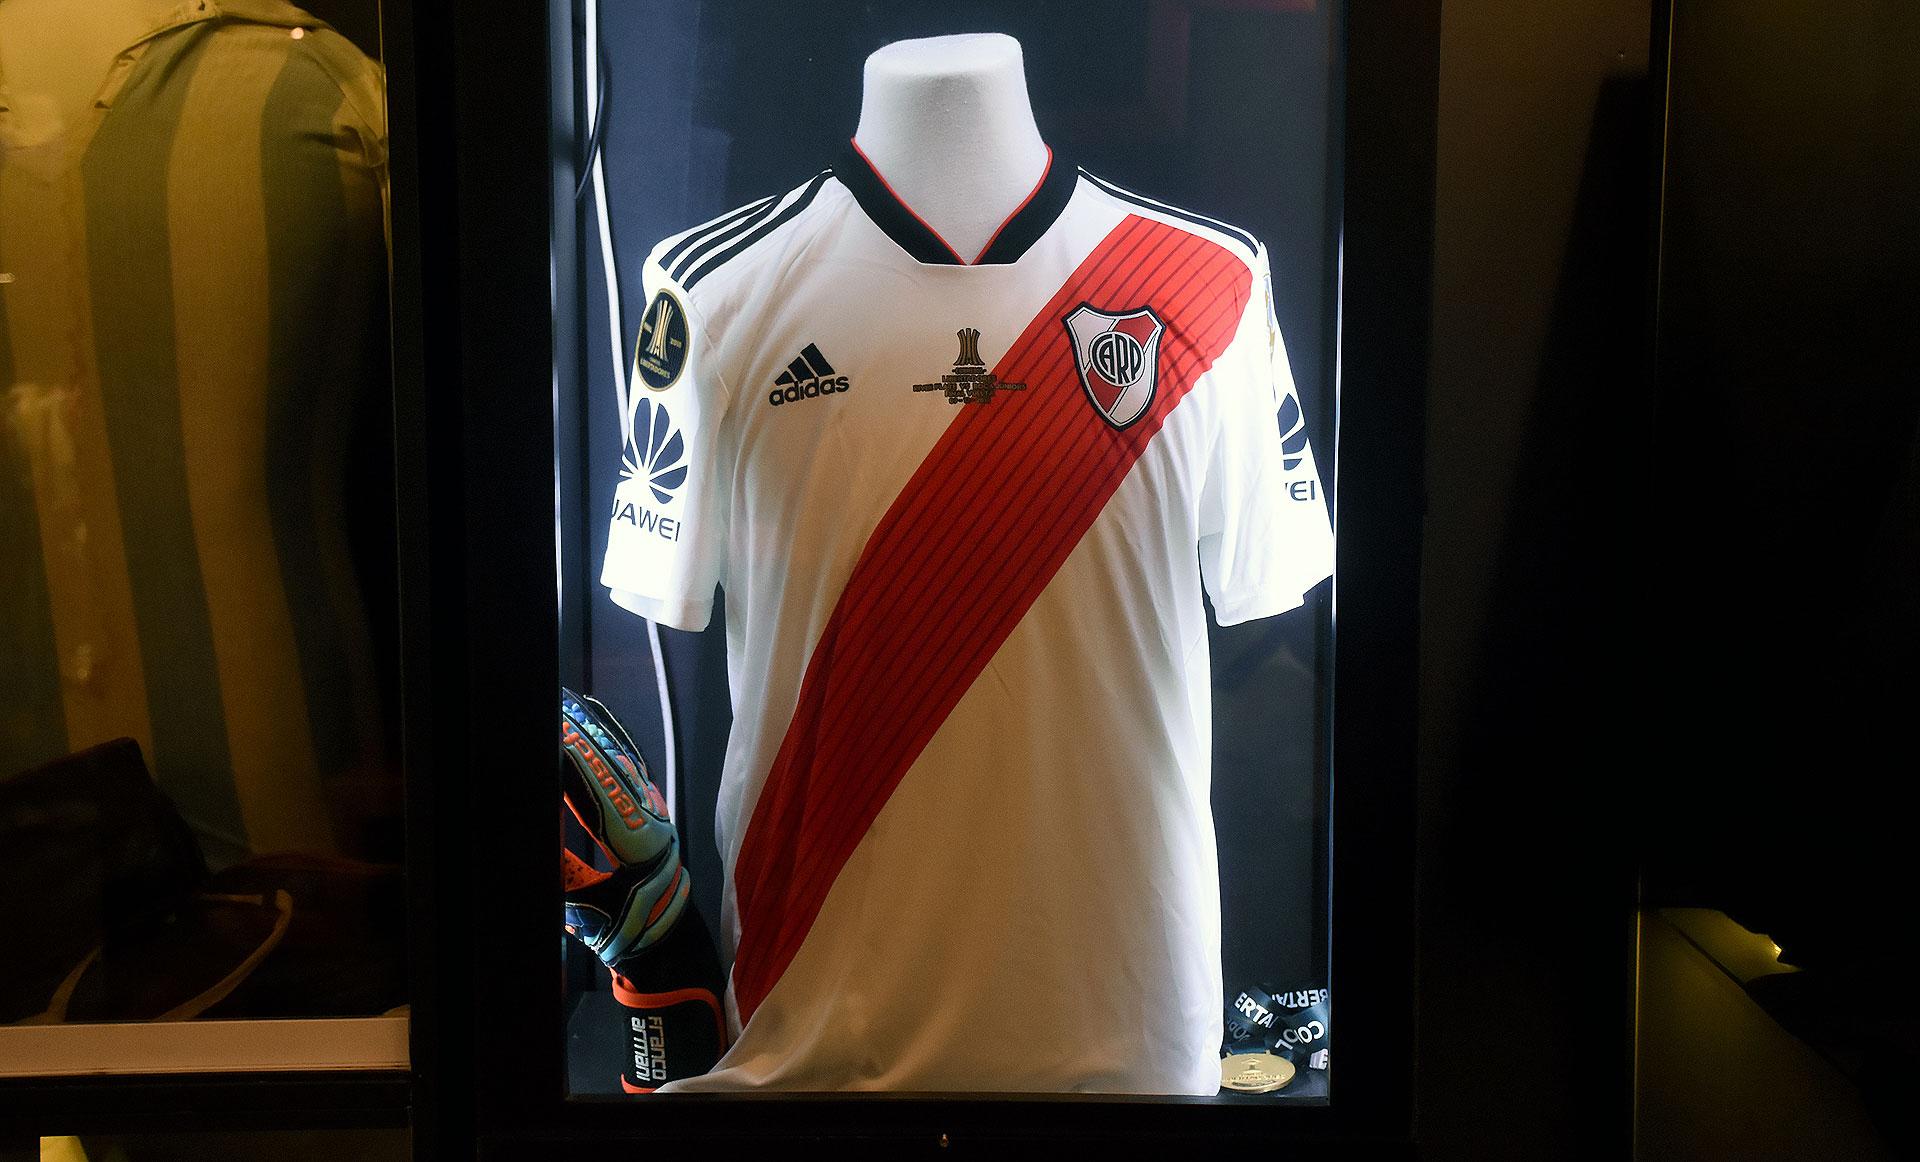 La titular con la que River derrotó a Boca en la final de la Libertadores disputada en Madrid y su medalla correspondiente (Nicolas Stulberg)